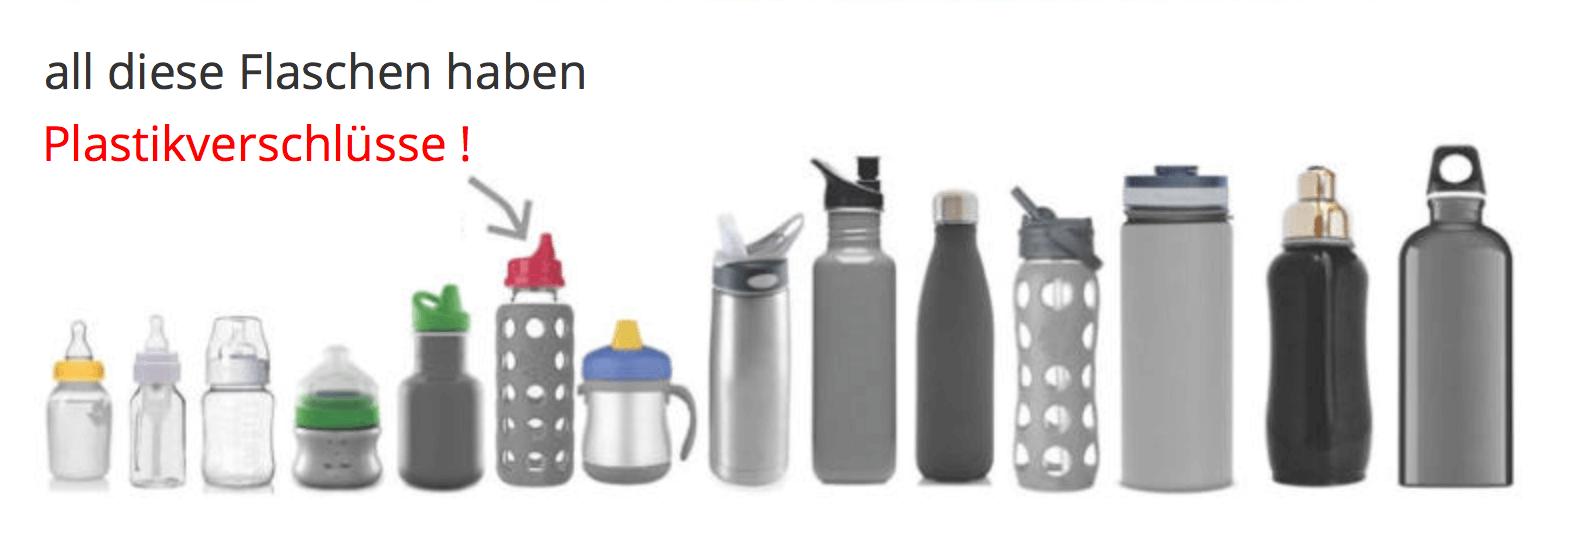 Pura Kiki Trinkflasche Sportflasche Edelstahl Trinkflasche trinken plastikfrei Flasche ohne BPA